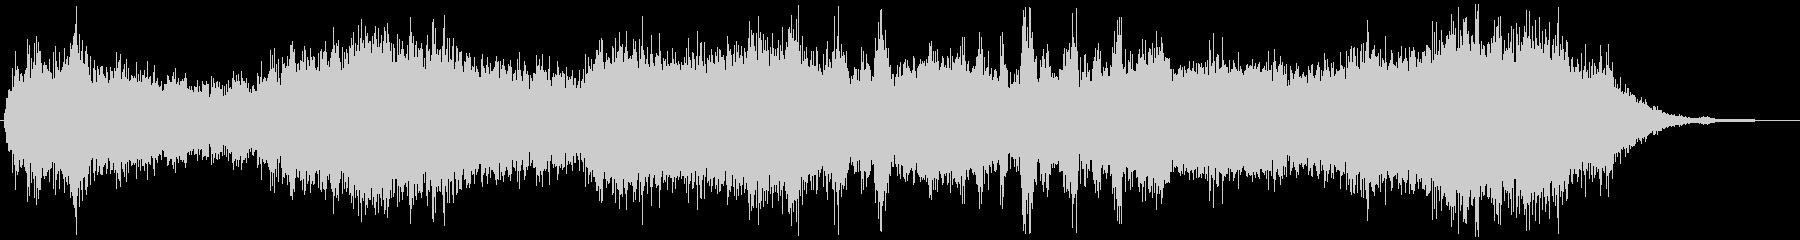 PADS スクラッチ性01の未再生の波形